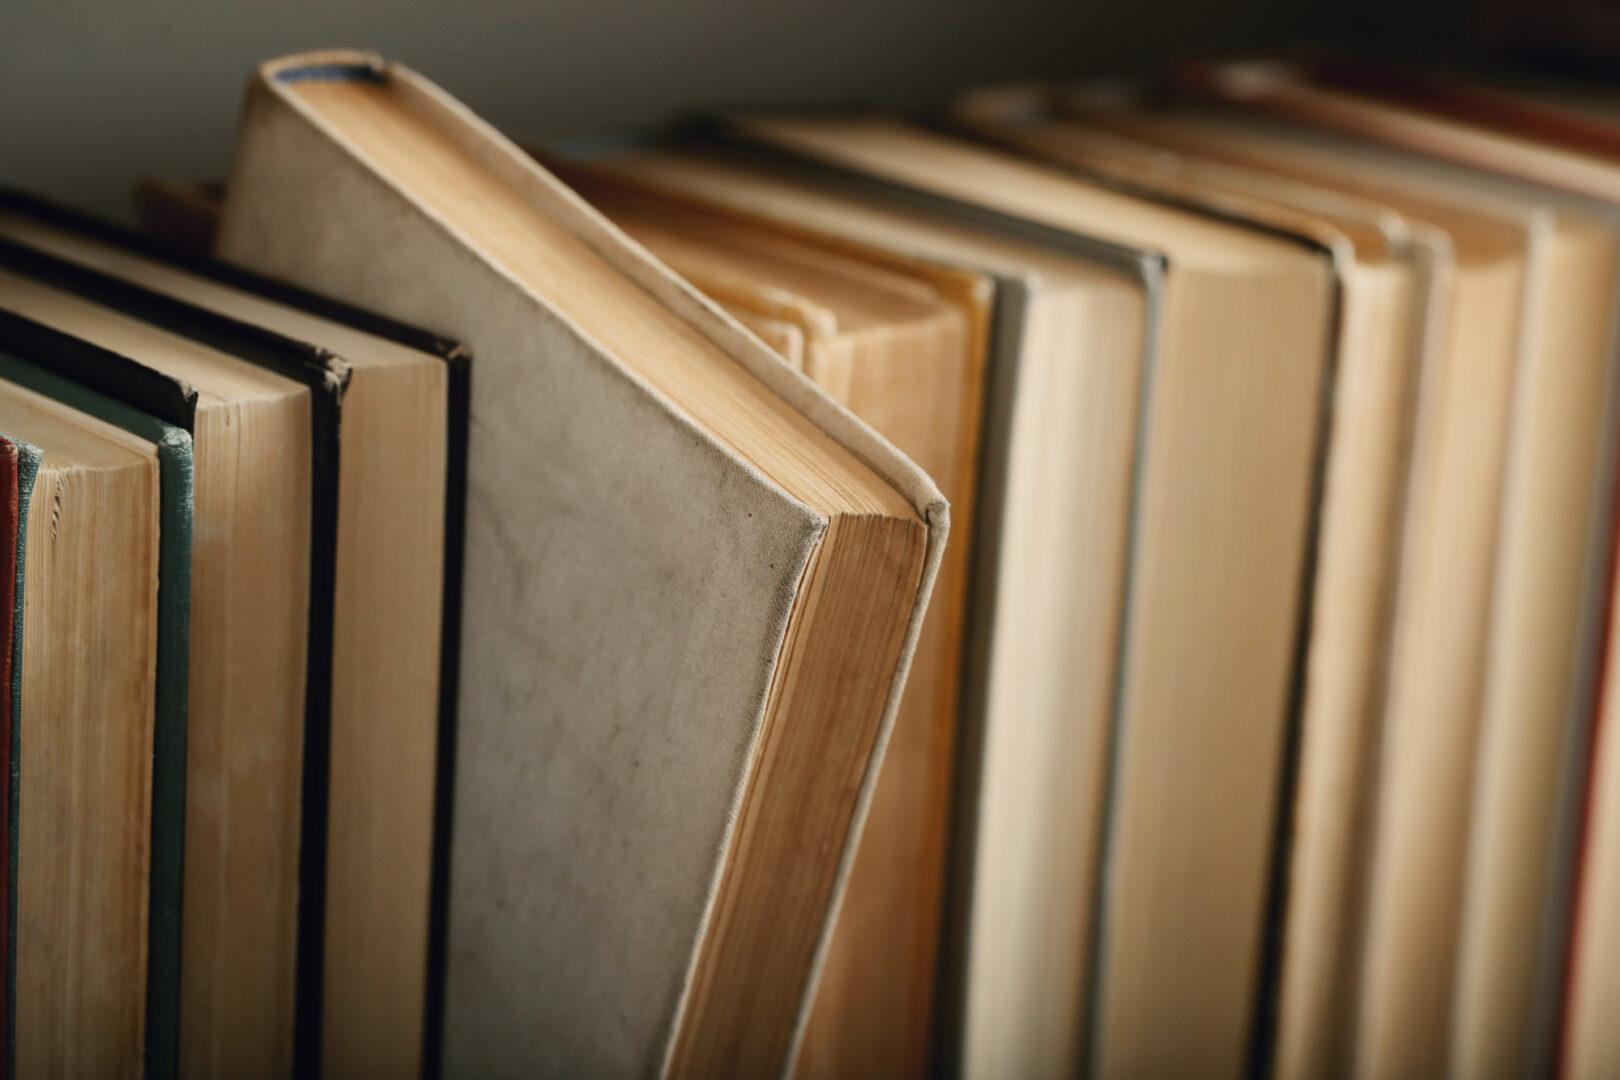 Olga Tokarczuk twórczość na przykładzie starych książek